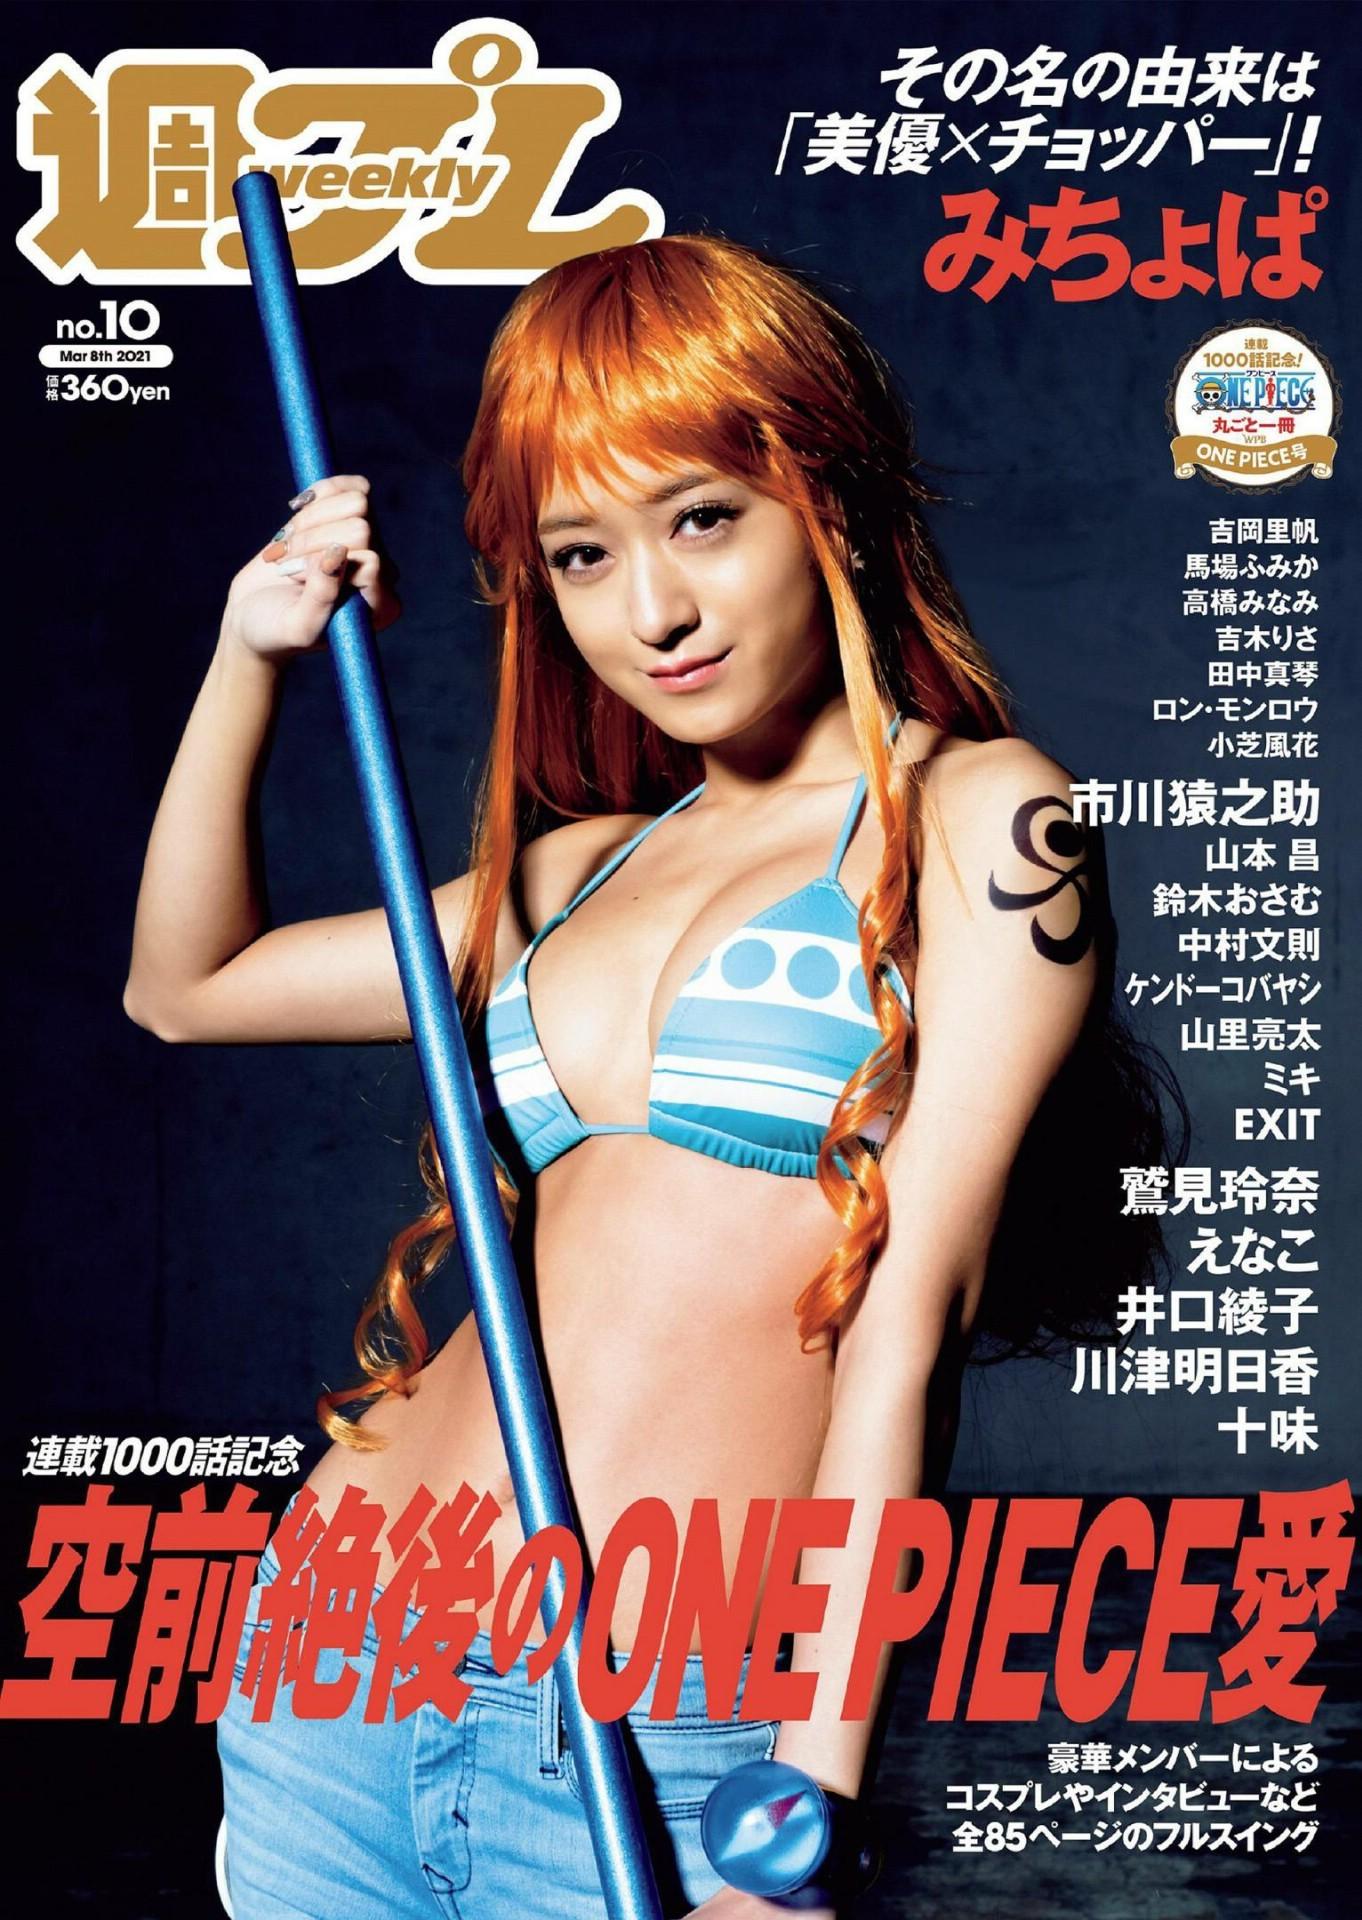 Weekly Playboy 2021-10_imgs-0001